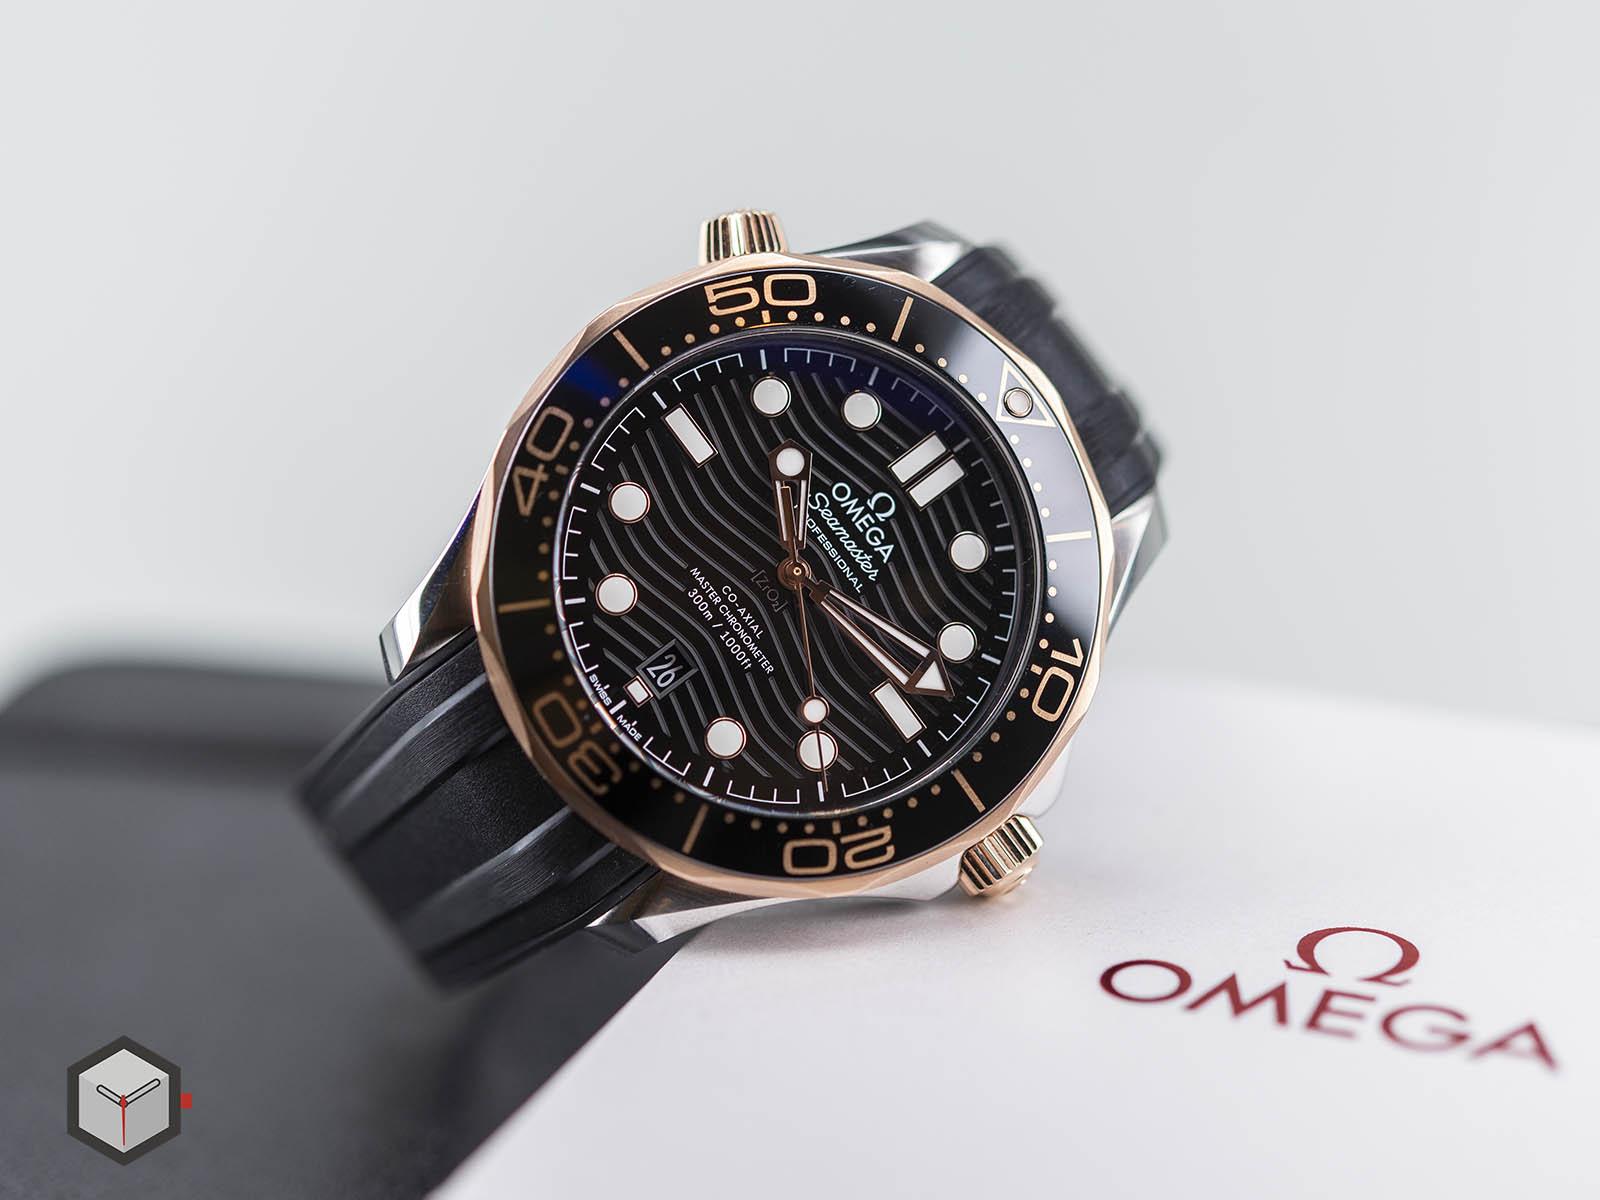 210-22-42-20-01-002-omega-seamaster-diver-300m-42mm-3.jpg